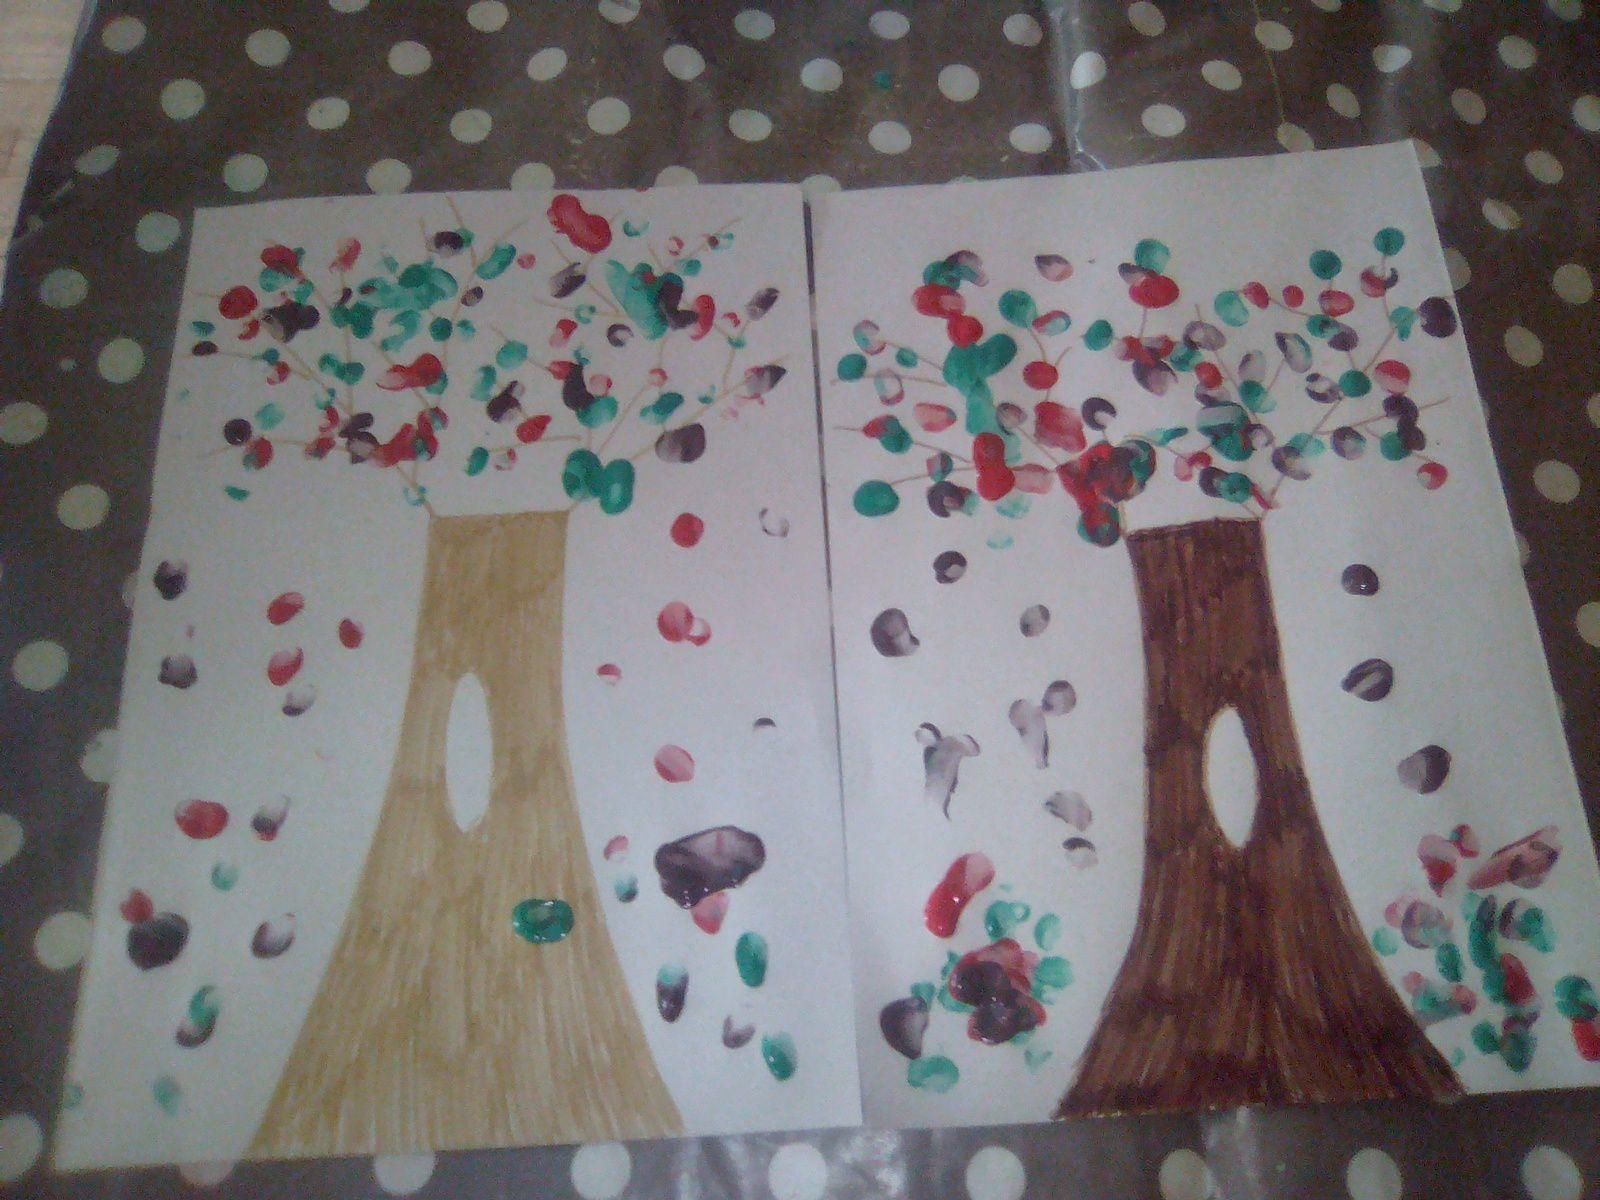 Et voilà les oeuvres de mes petits artistes peintres